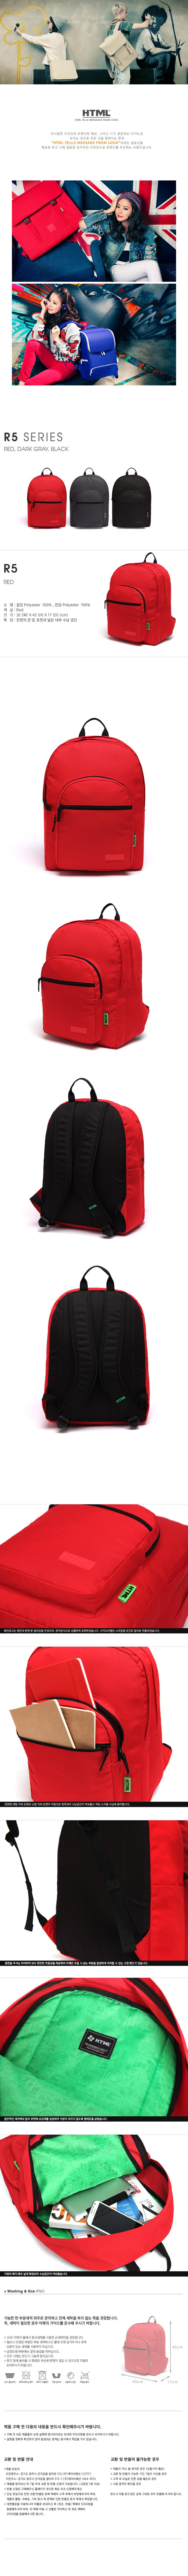 [에이치티엠엘]HTML- R5 Backpack (Red)_백팩